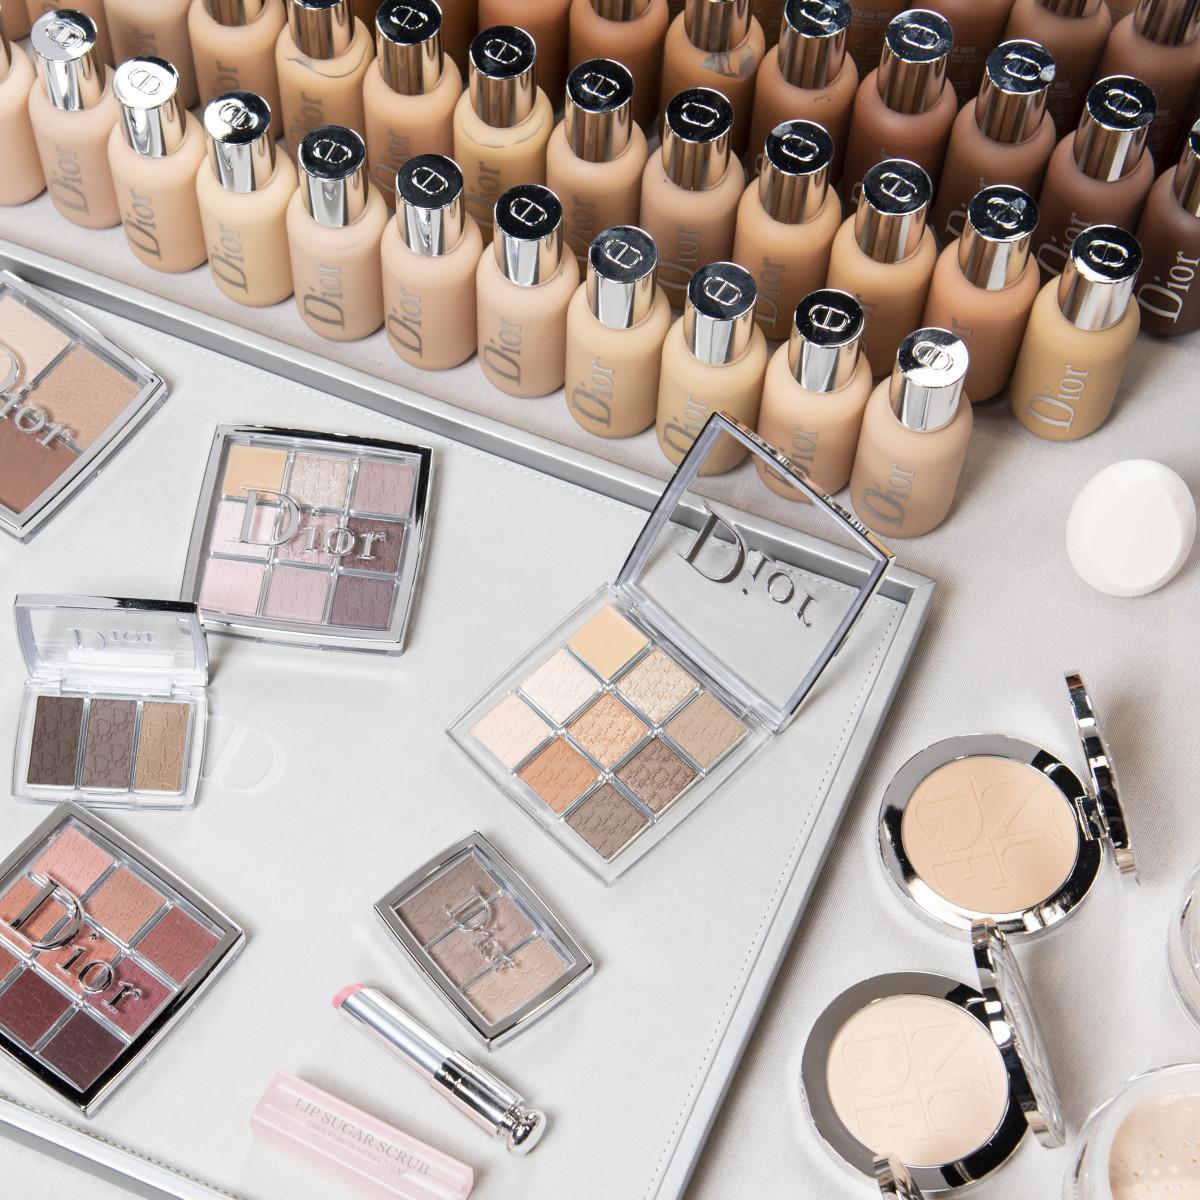 Elle купить косметику израильская косметика health beauty официальный сайт купить